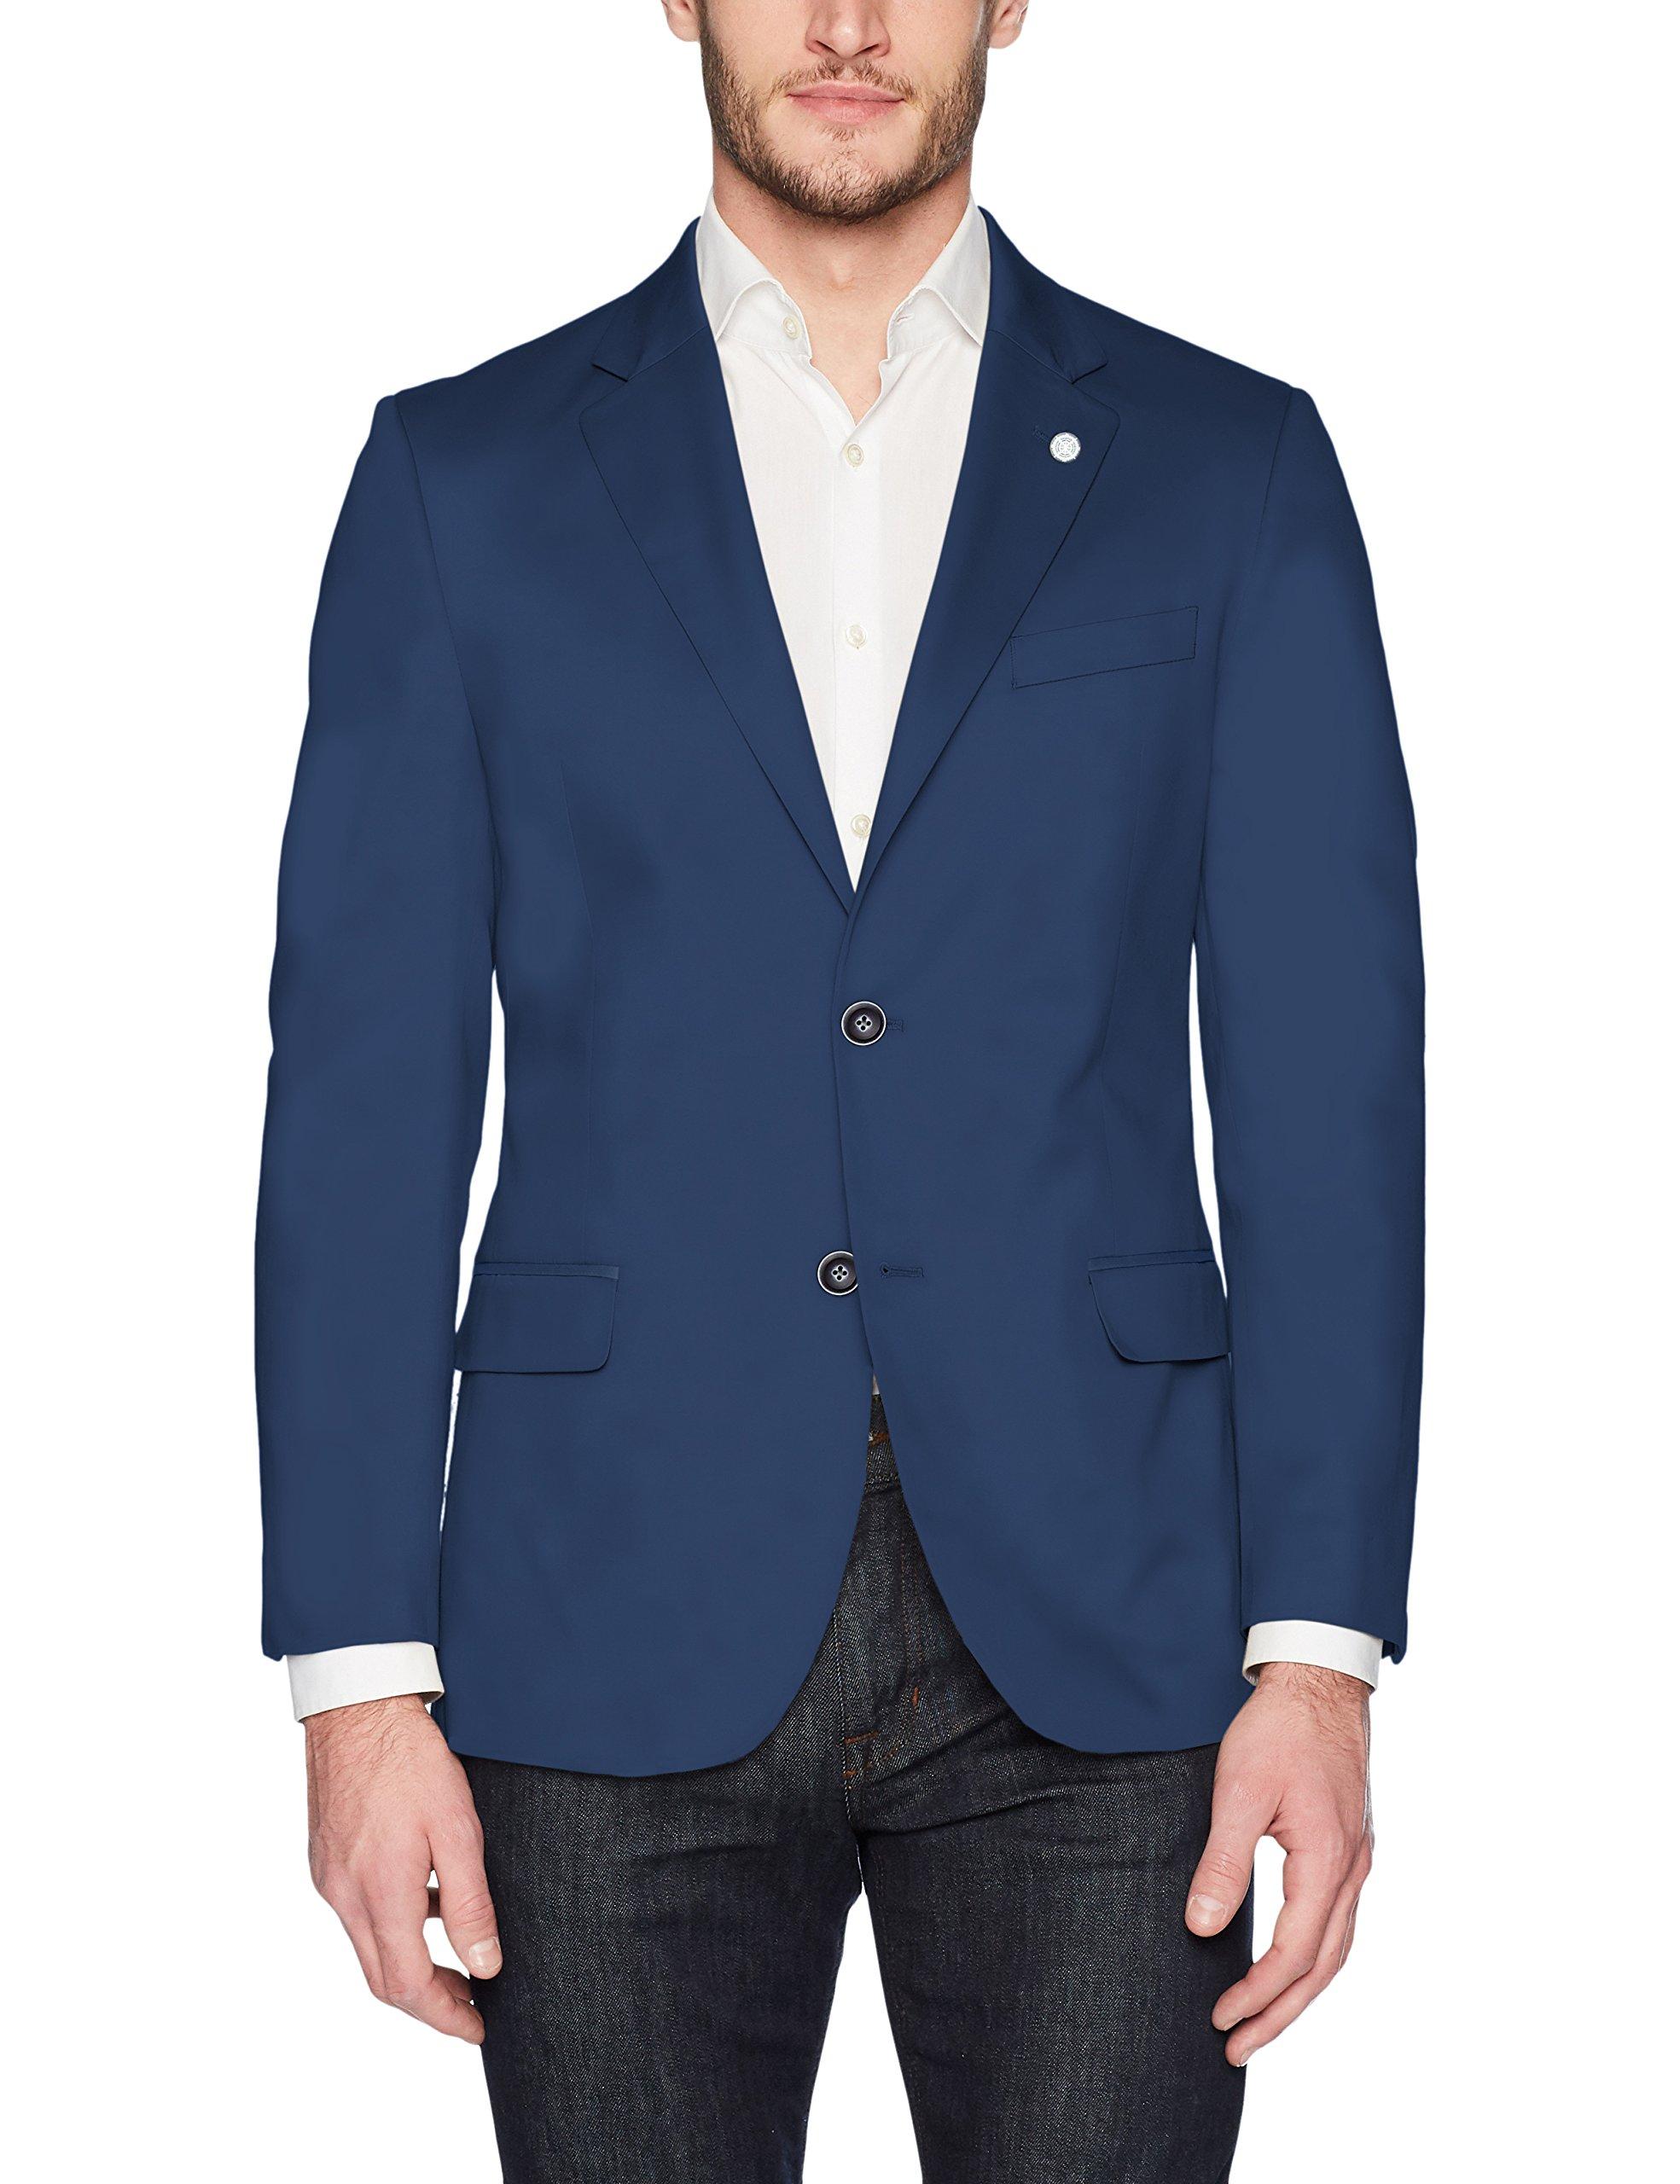 Nautica Men's Solid Cotton Suit Separate Jacket, Blue, 46L